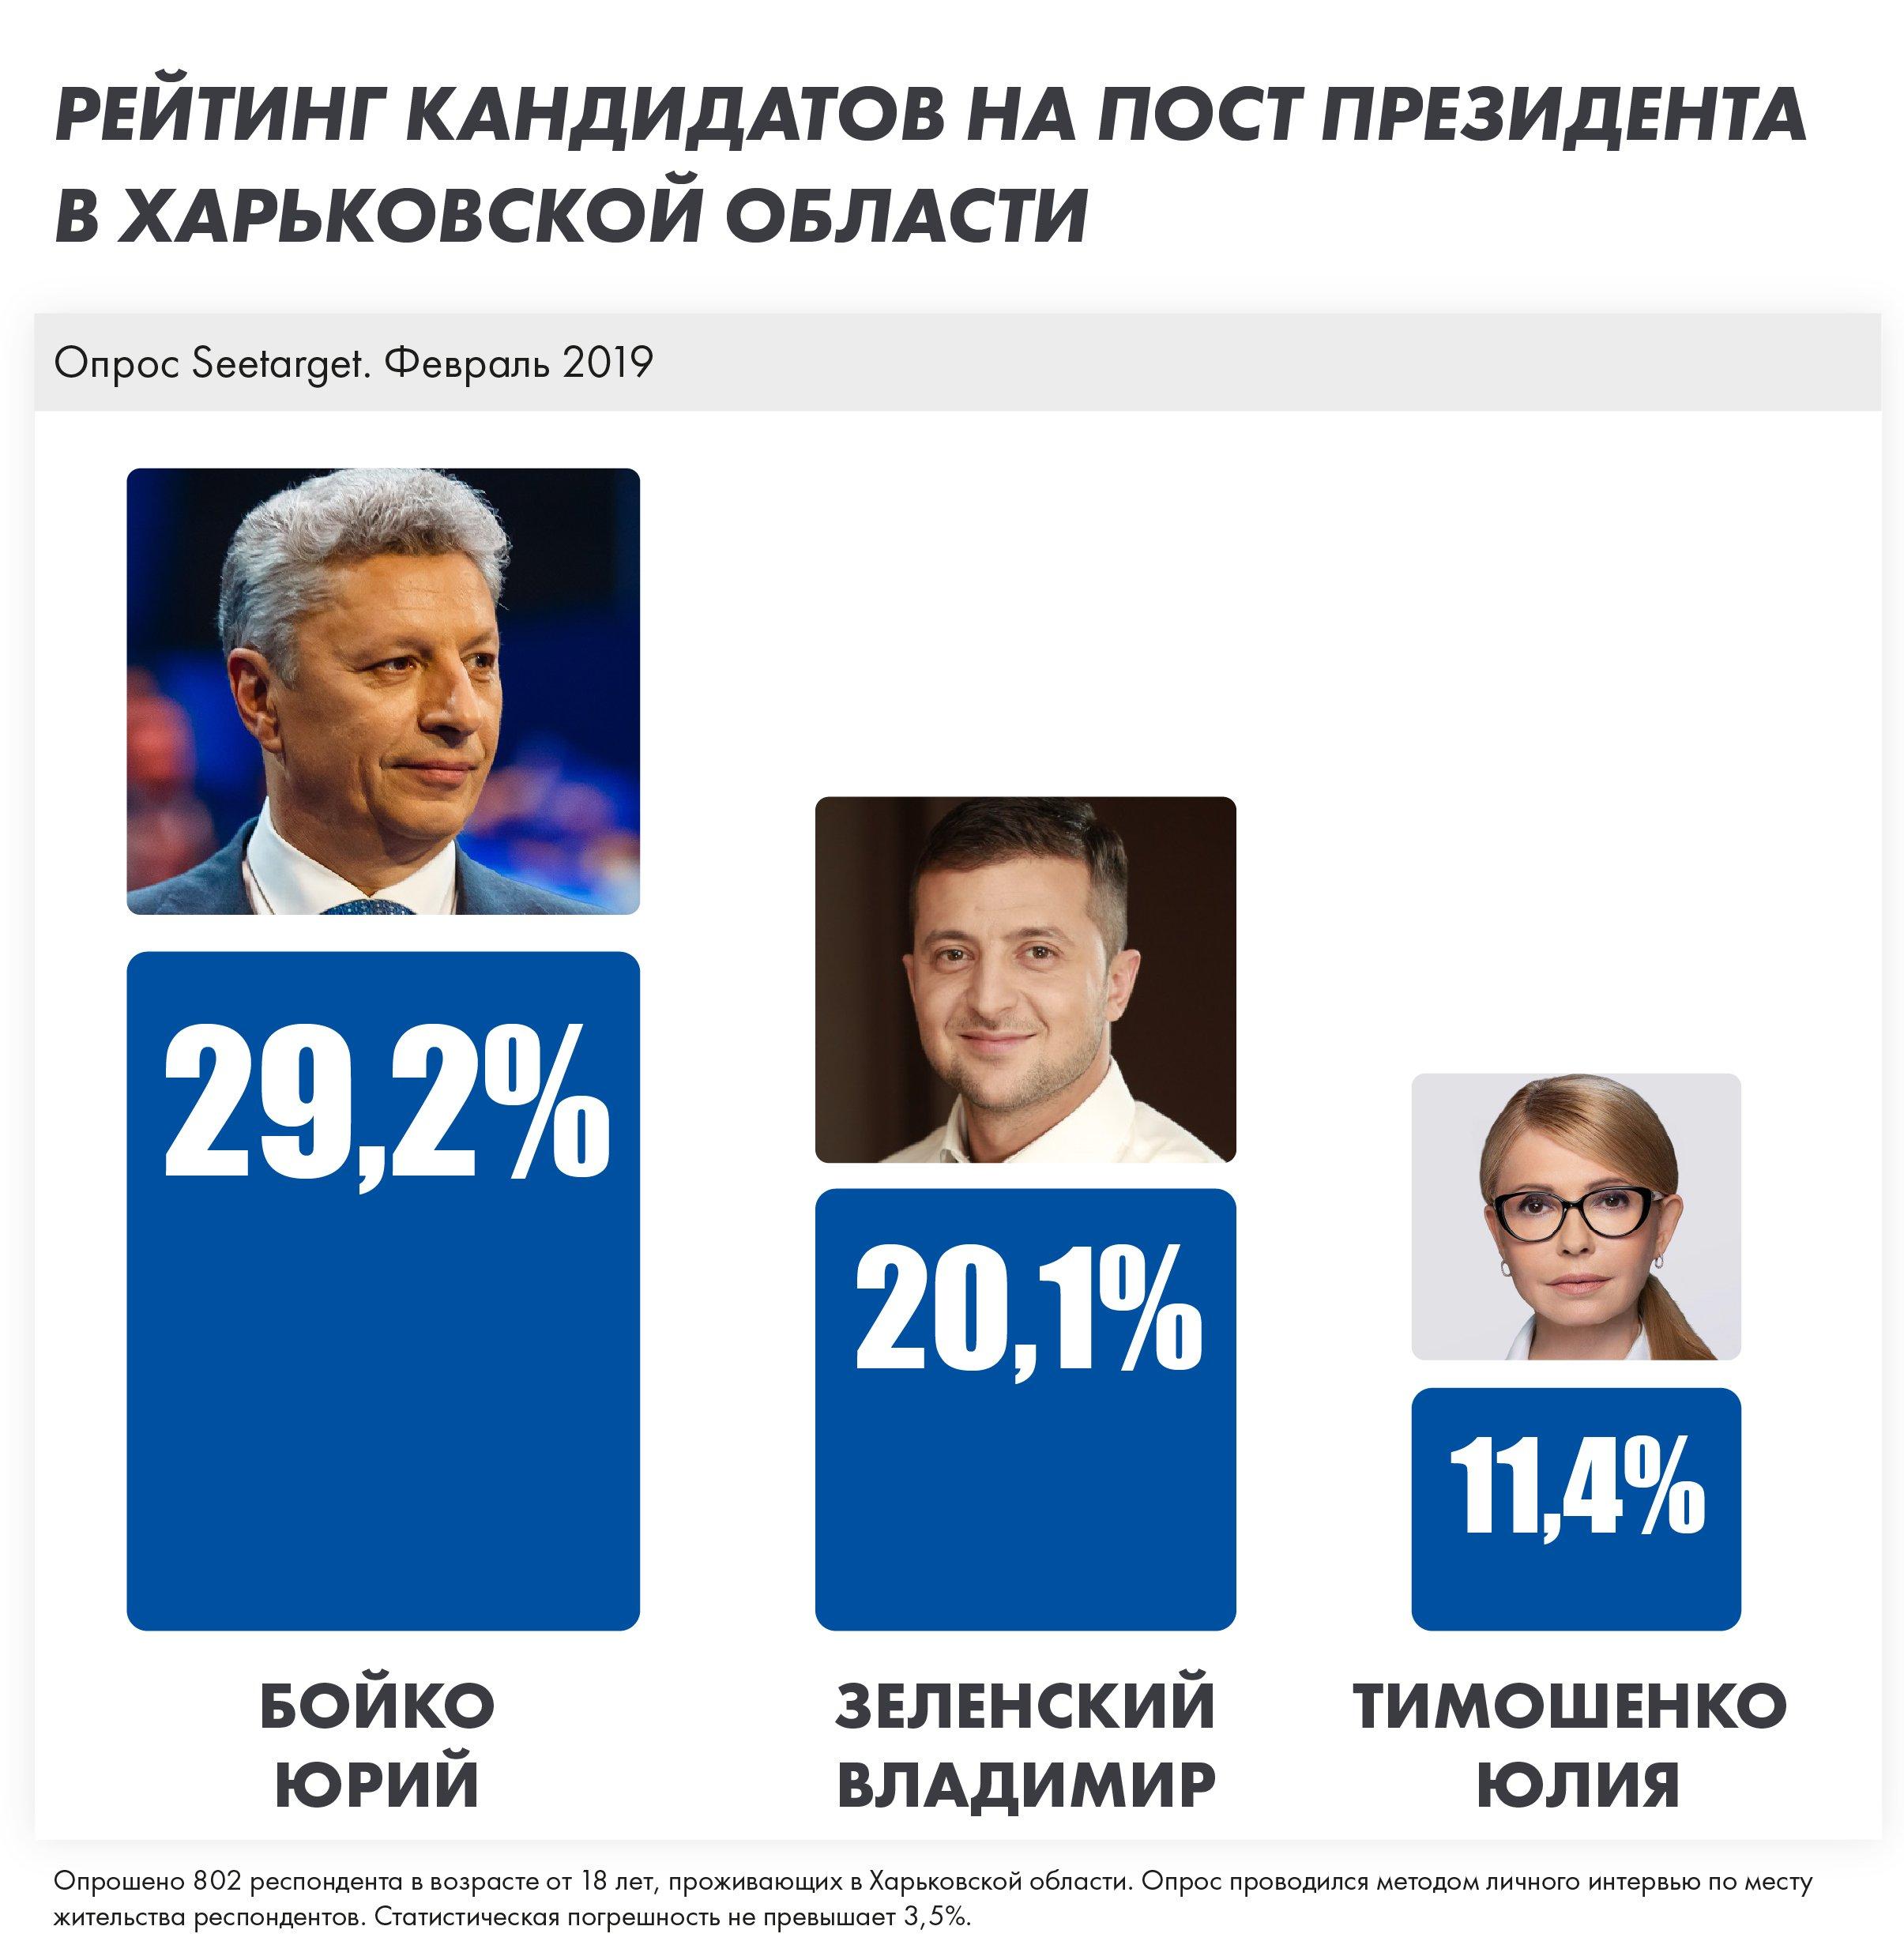 Лидеры президентского рейтинга в Харьковской области – опрос